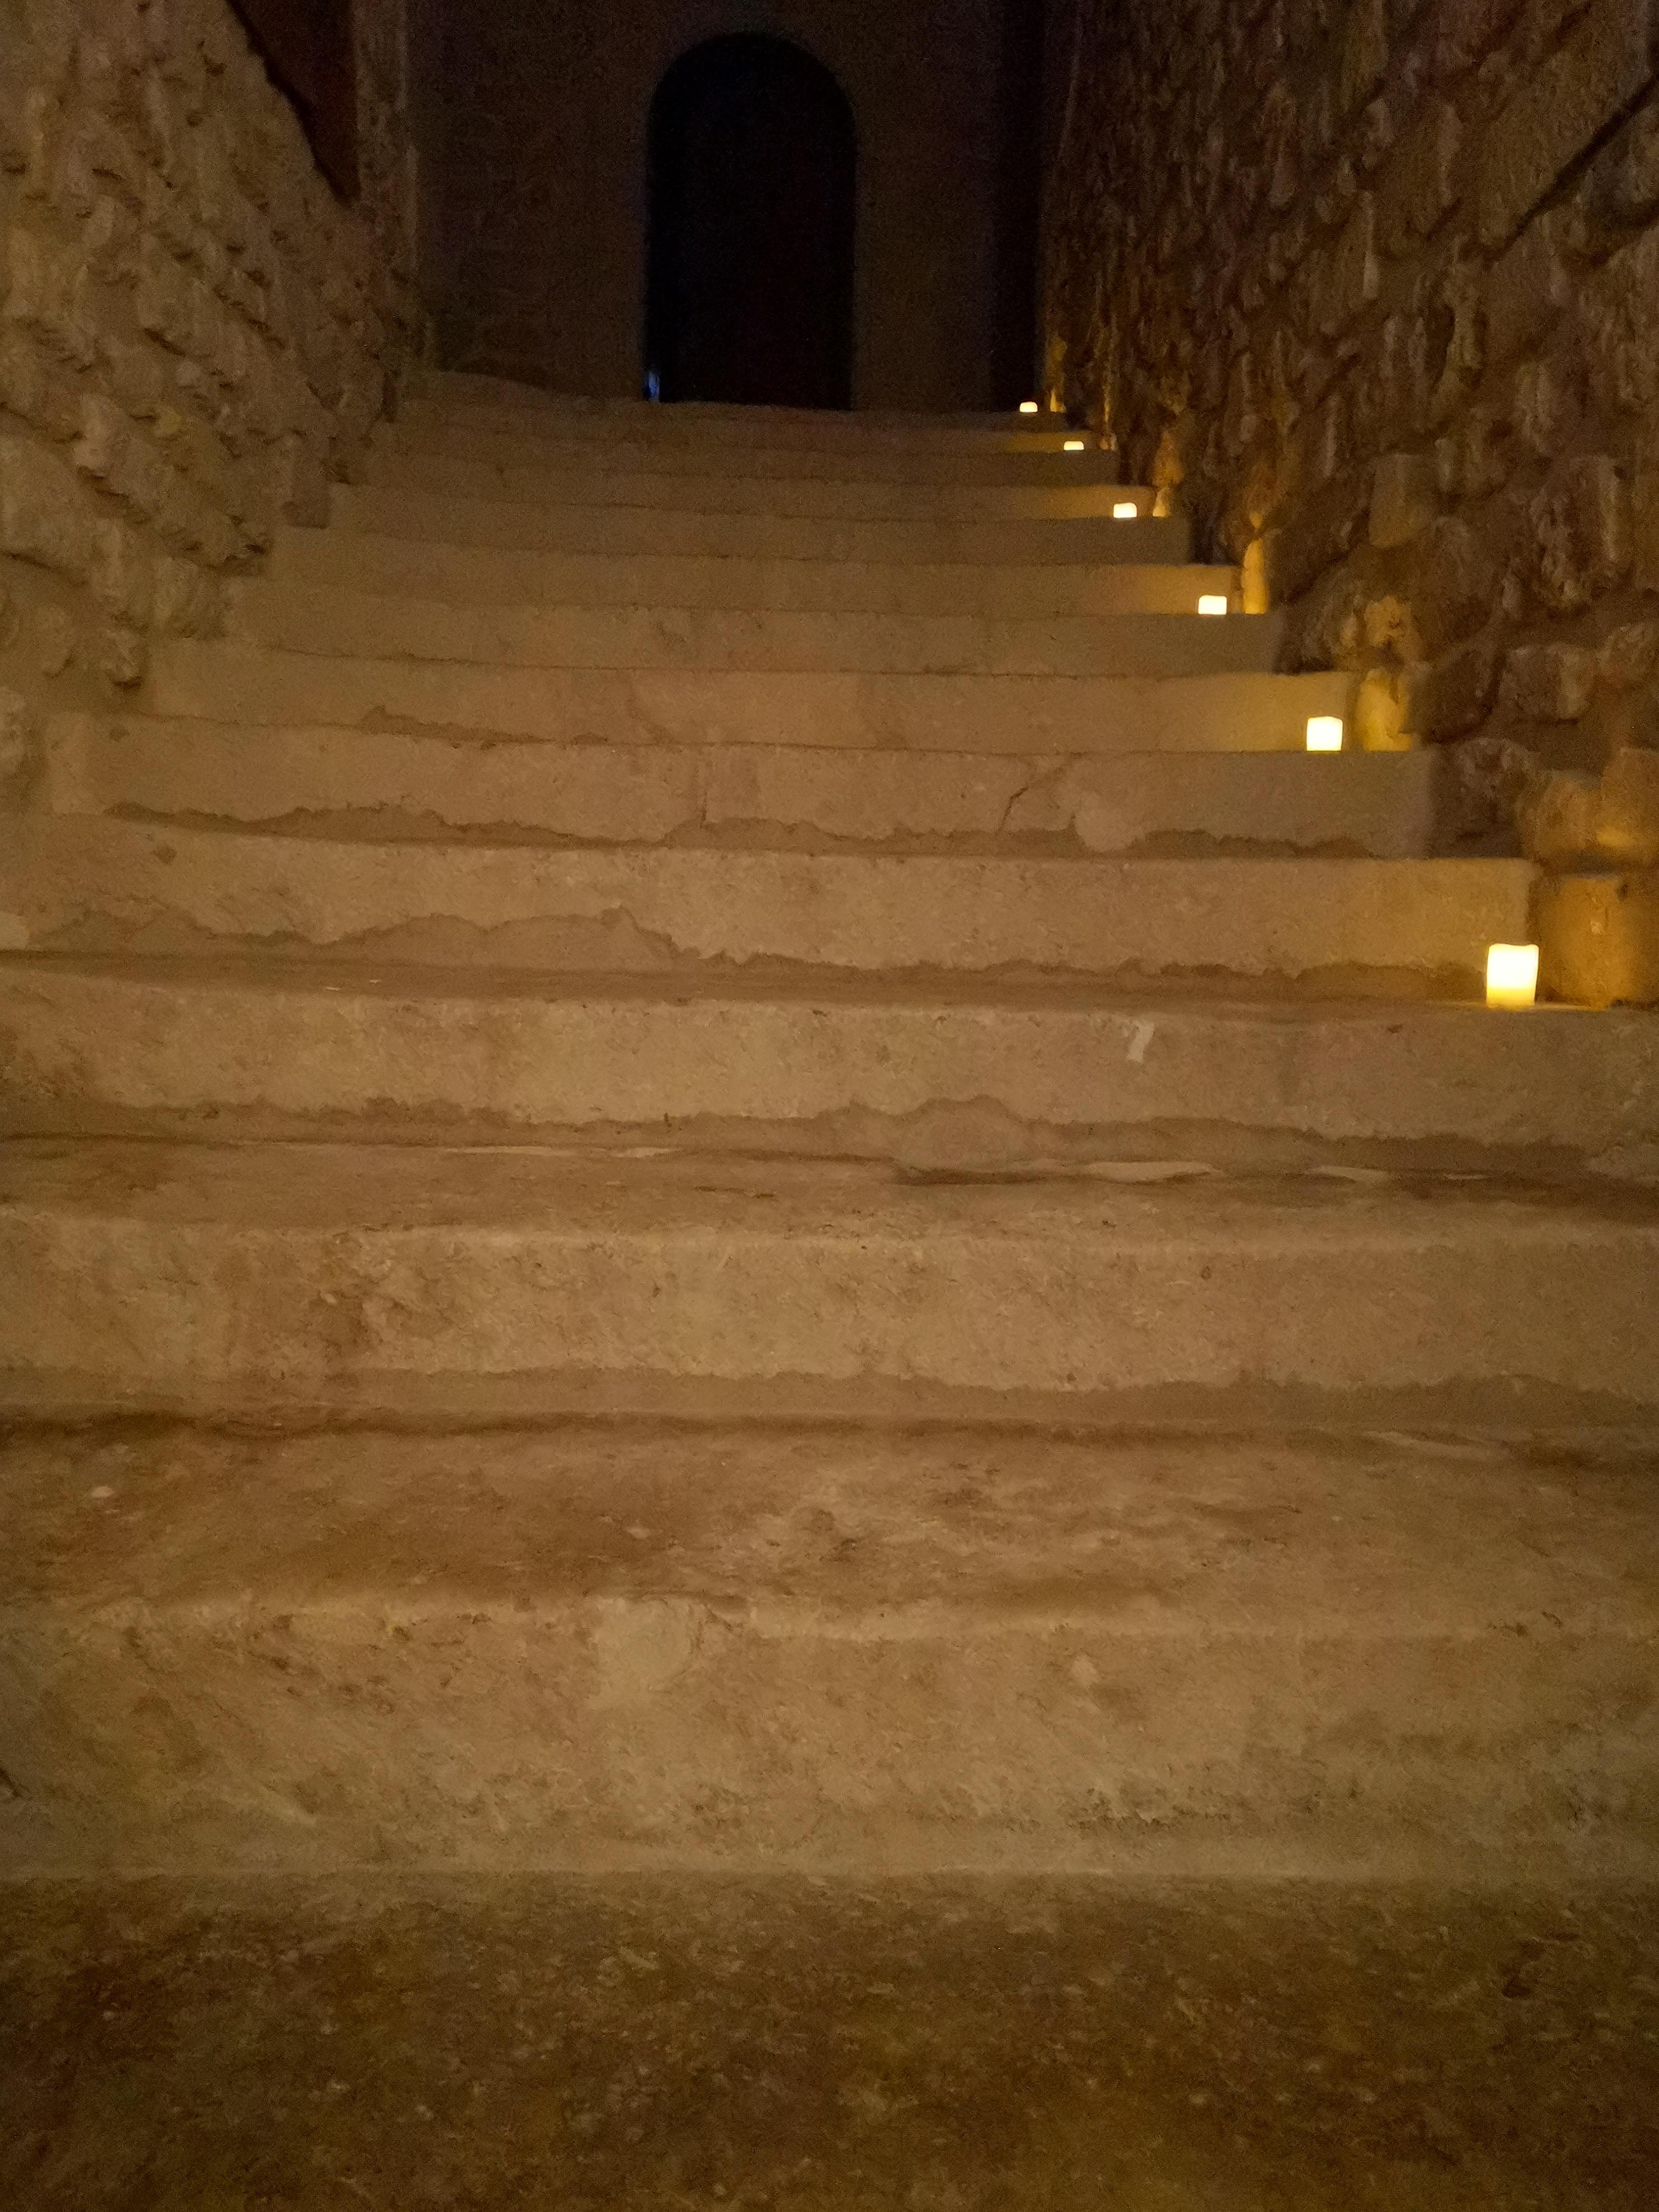 escalier du rez de chaussée